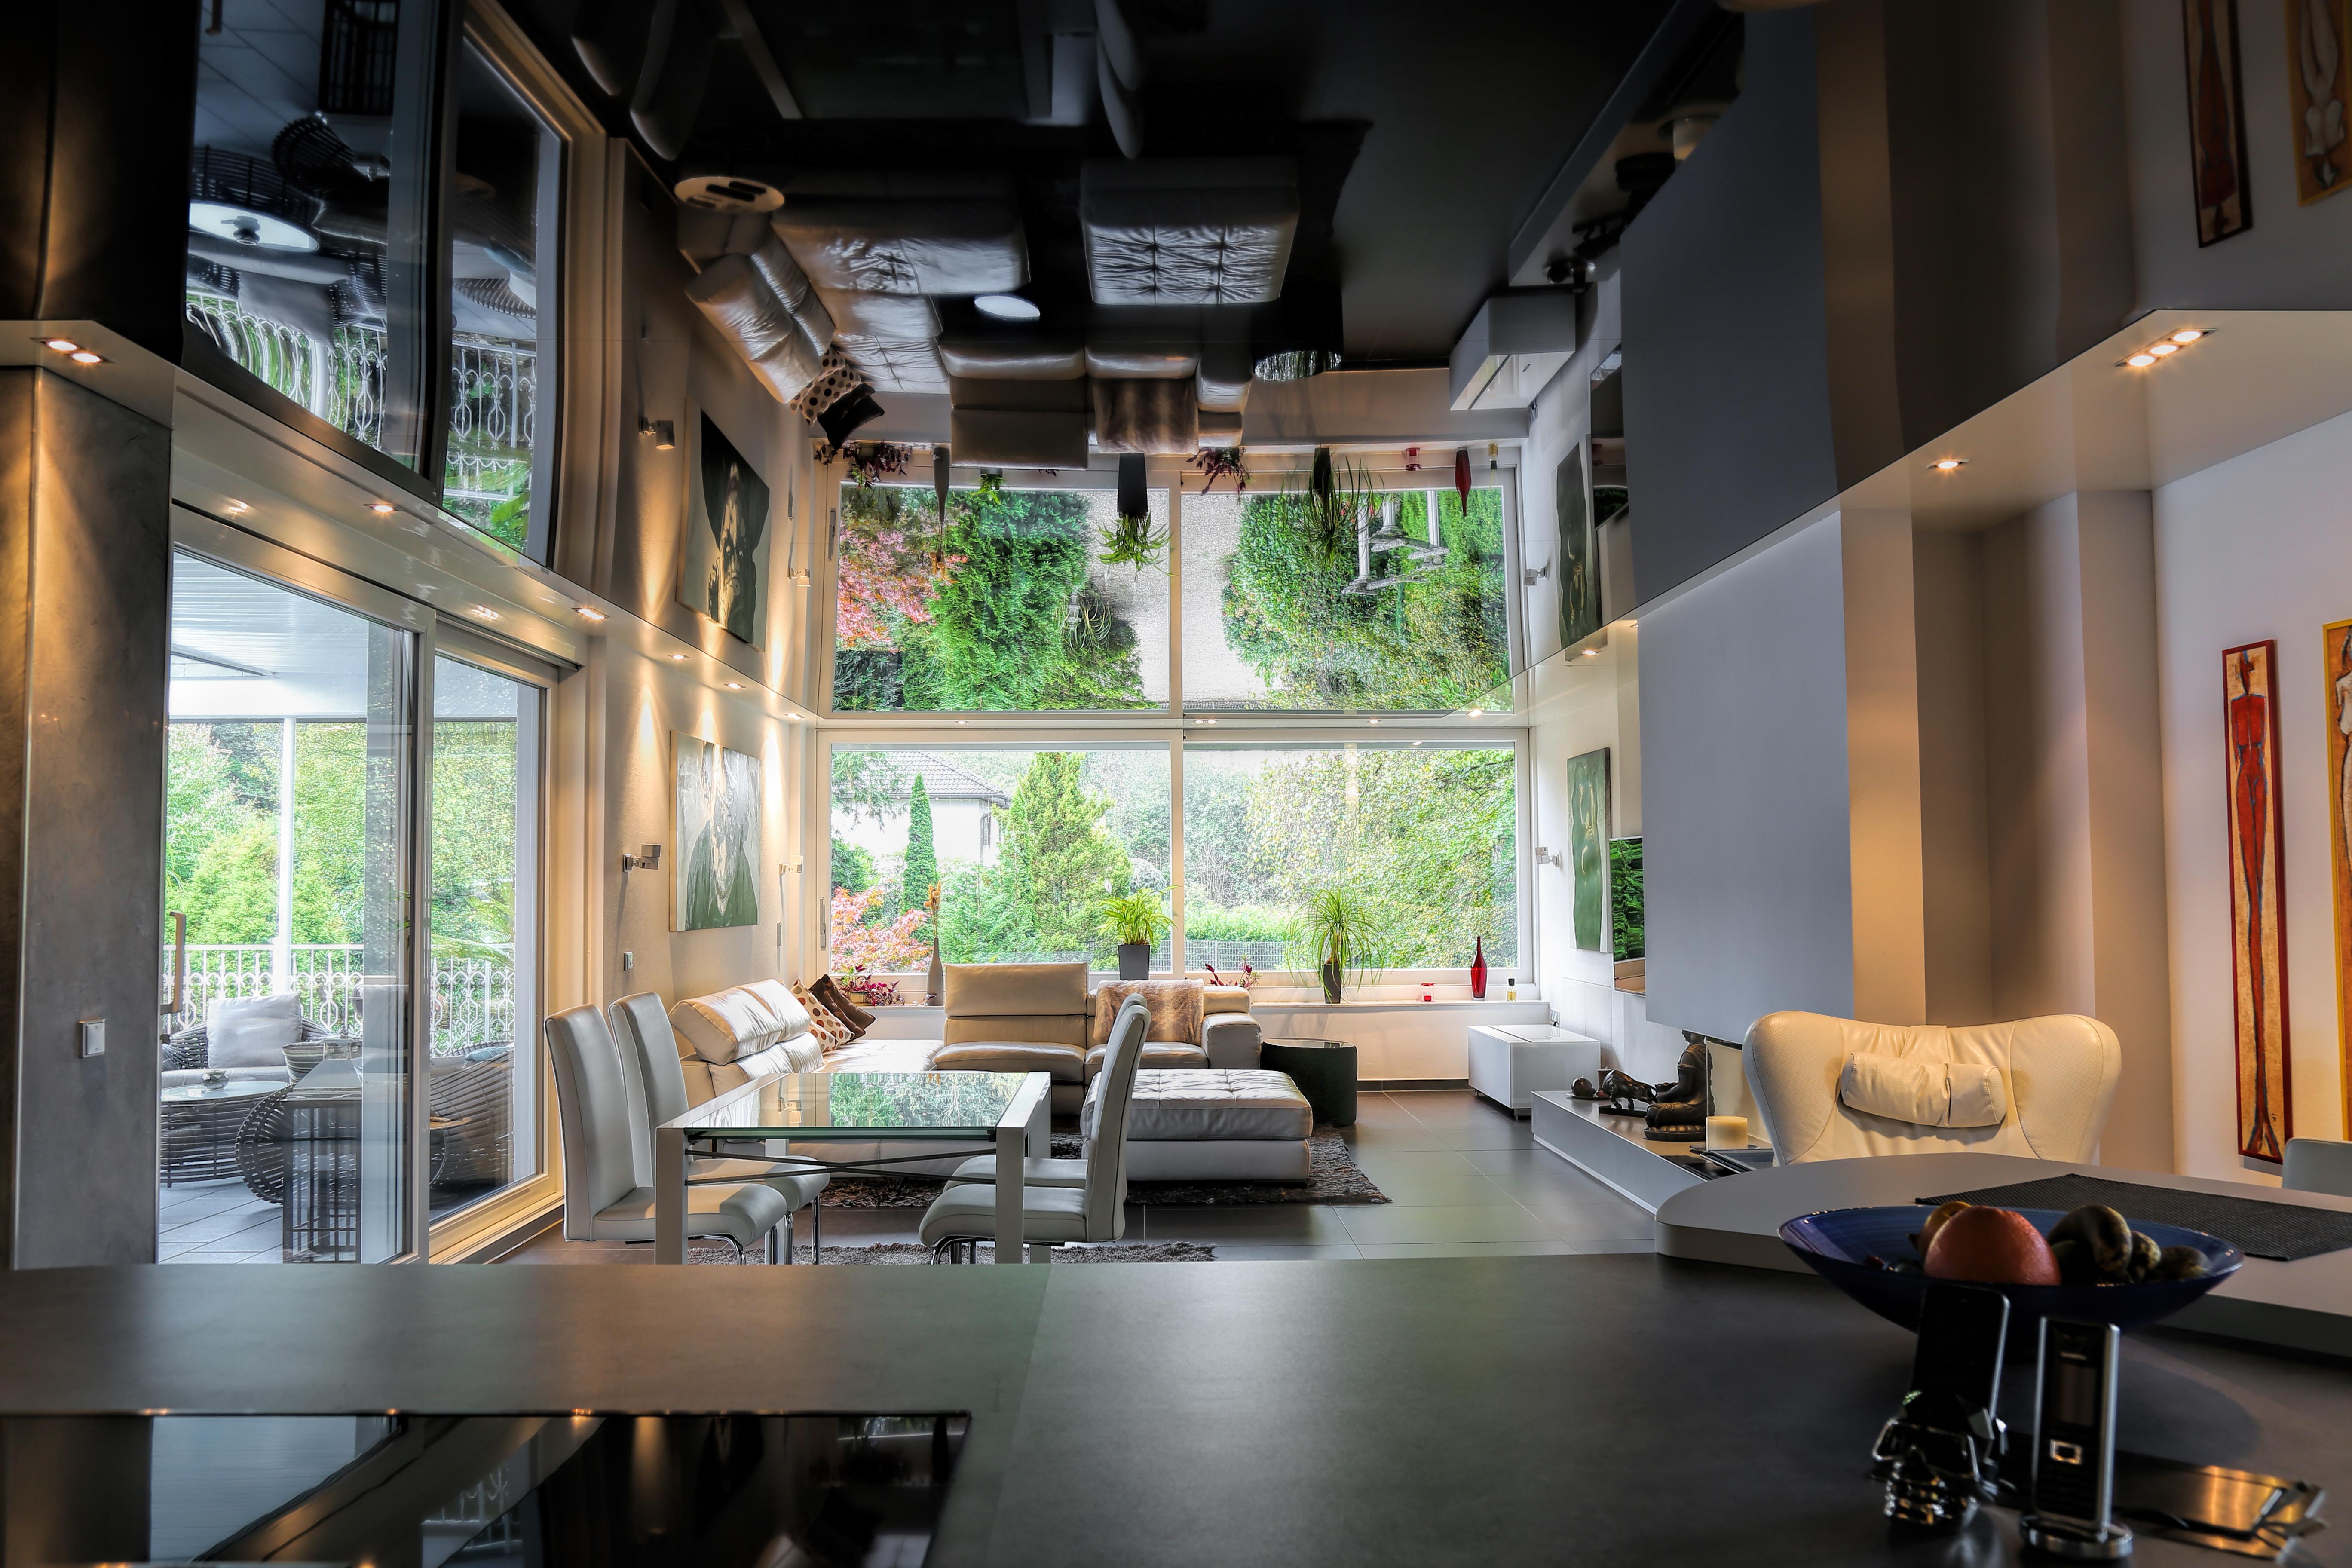 AuBergewohnlich Wohnzimmer Galerie